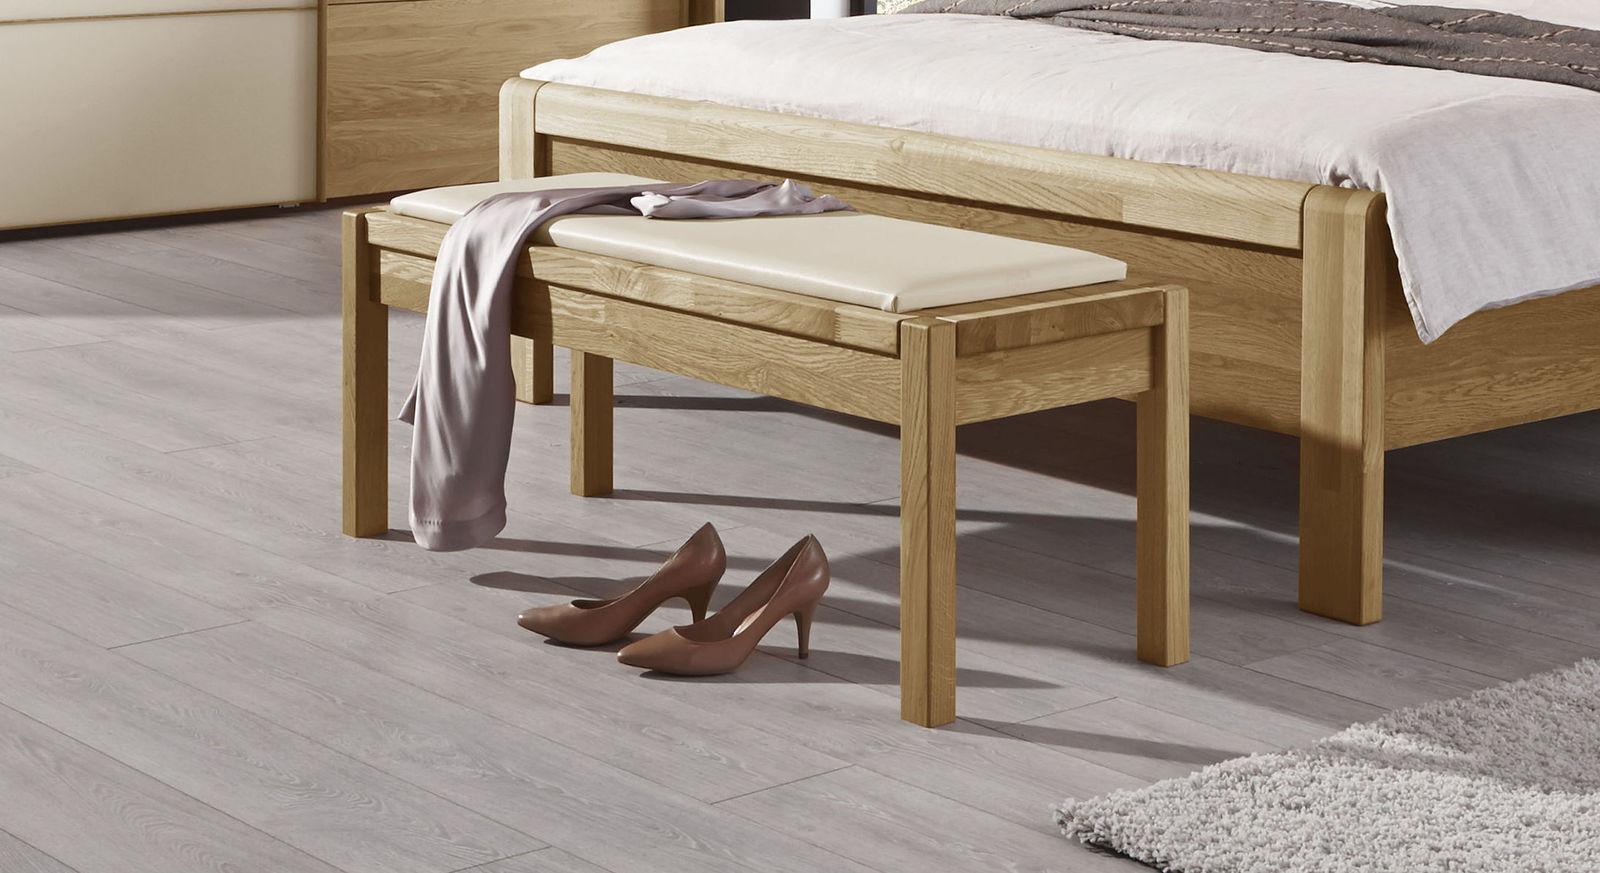 bettbank aus massiver eiche mit sitzkissen aus kunstleder praia. Black Bedroom Furniture Sets. Home Design Ideas